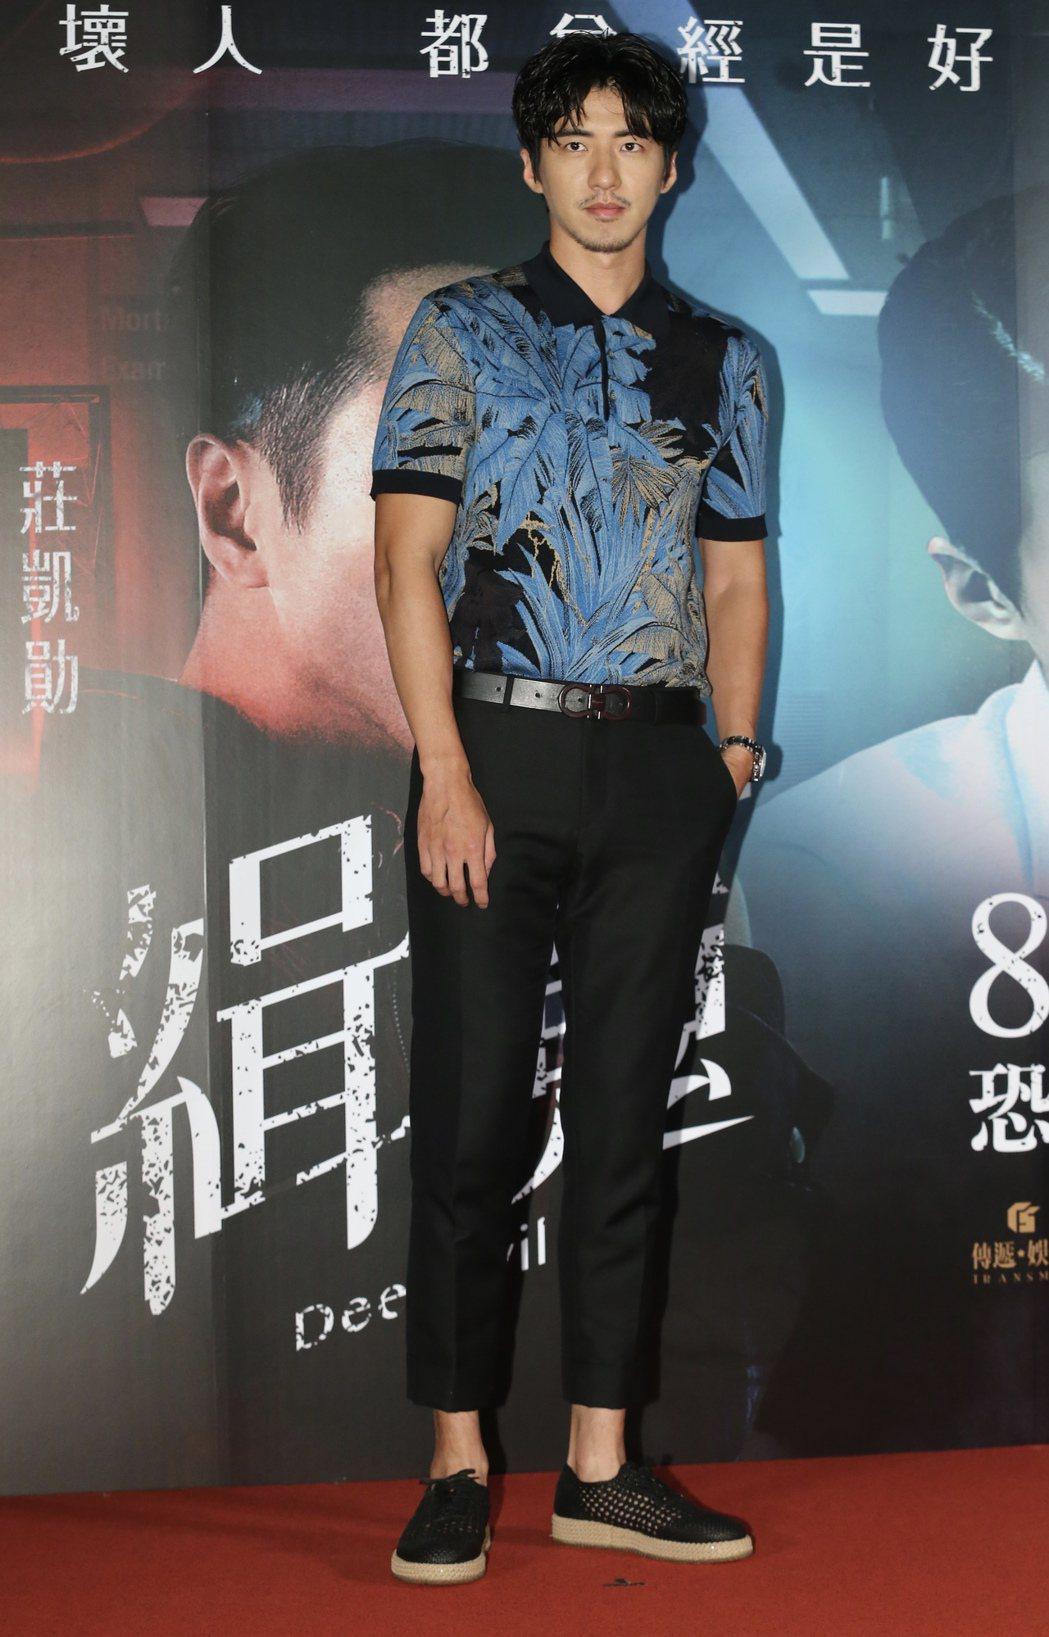 國片「緝魔」昨天舉辦首映會,片中演員傅孟柏等人一同出席首映會活動。記者許正宏/攝...